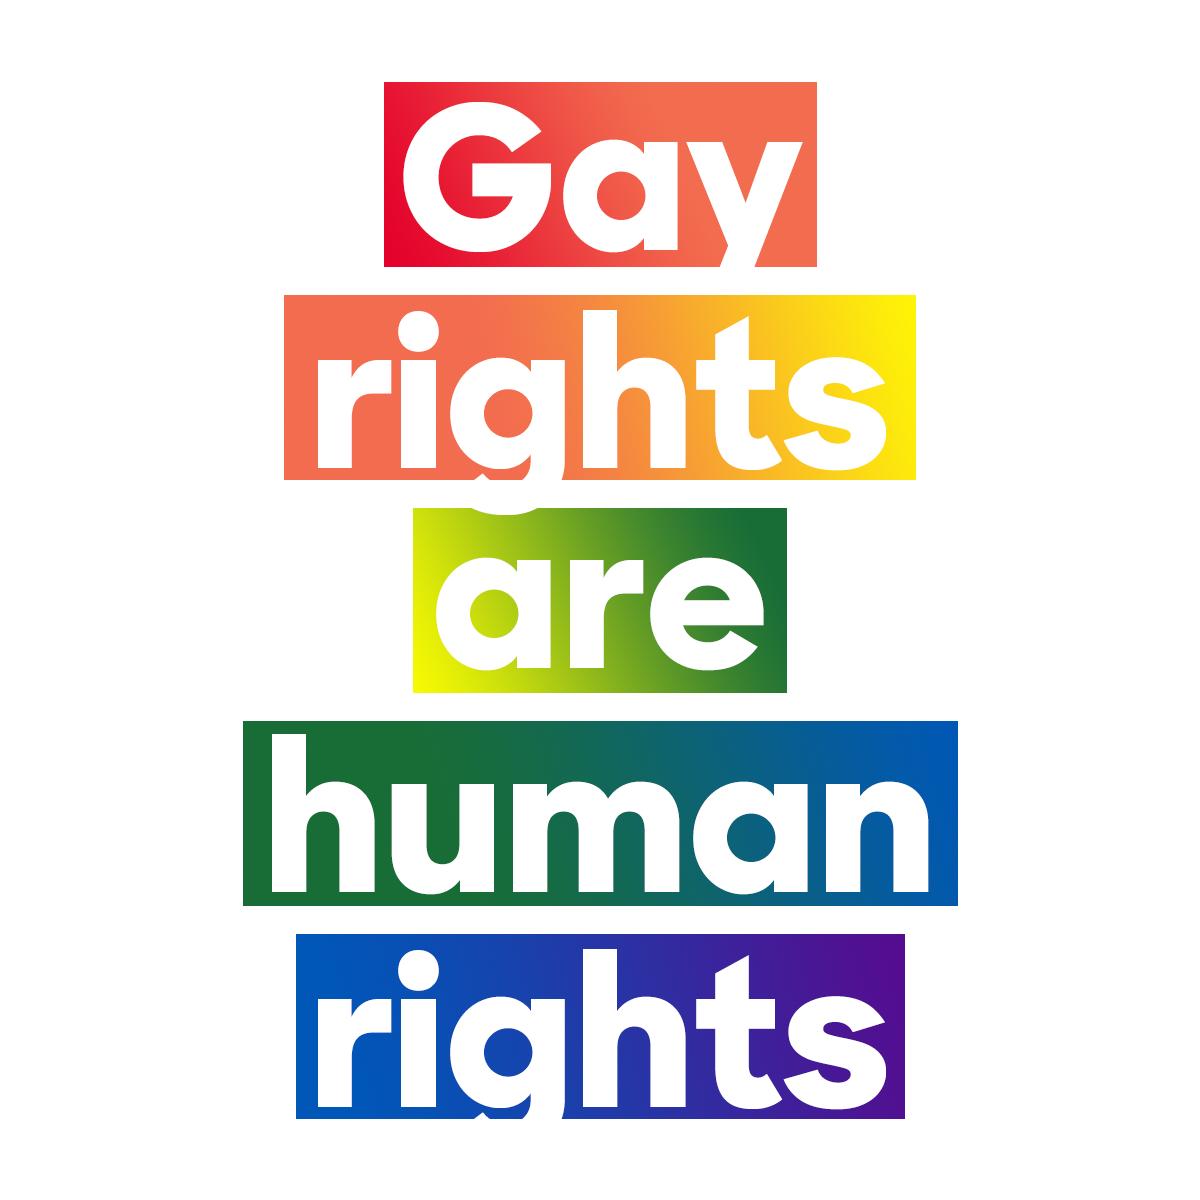 gay-rights-hfa-fb-062216.png